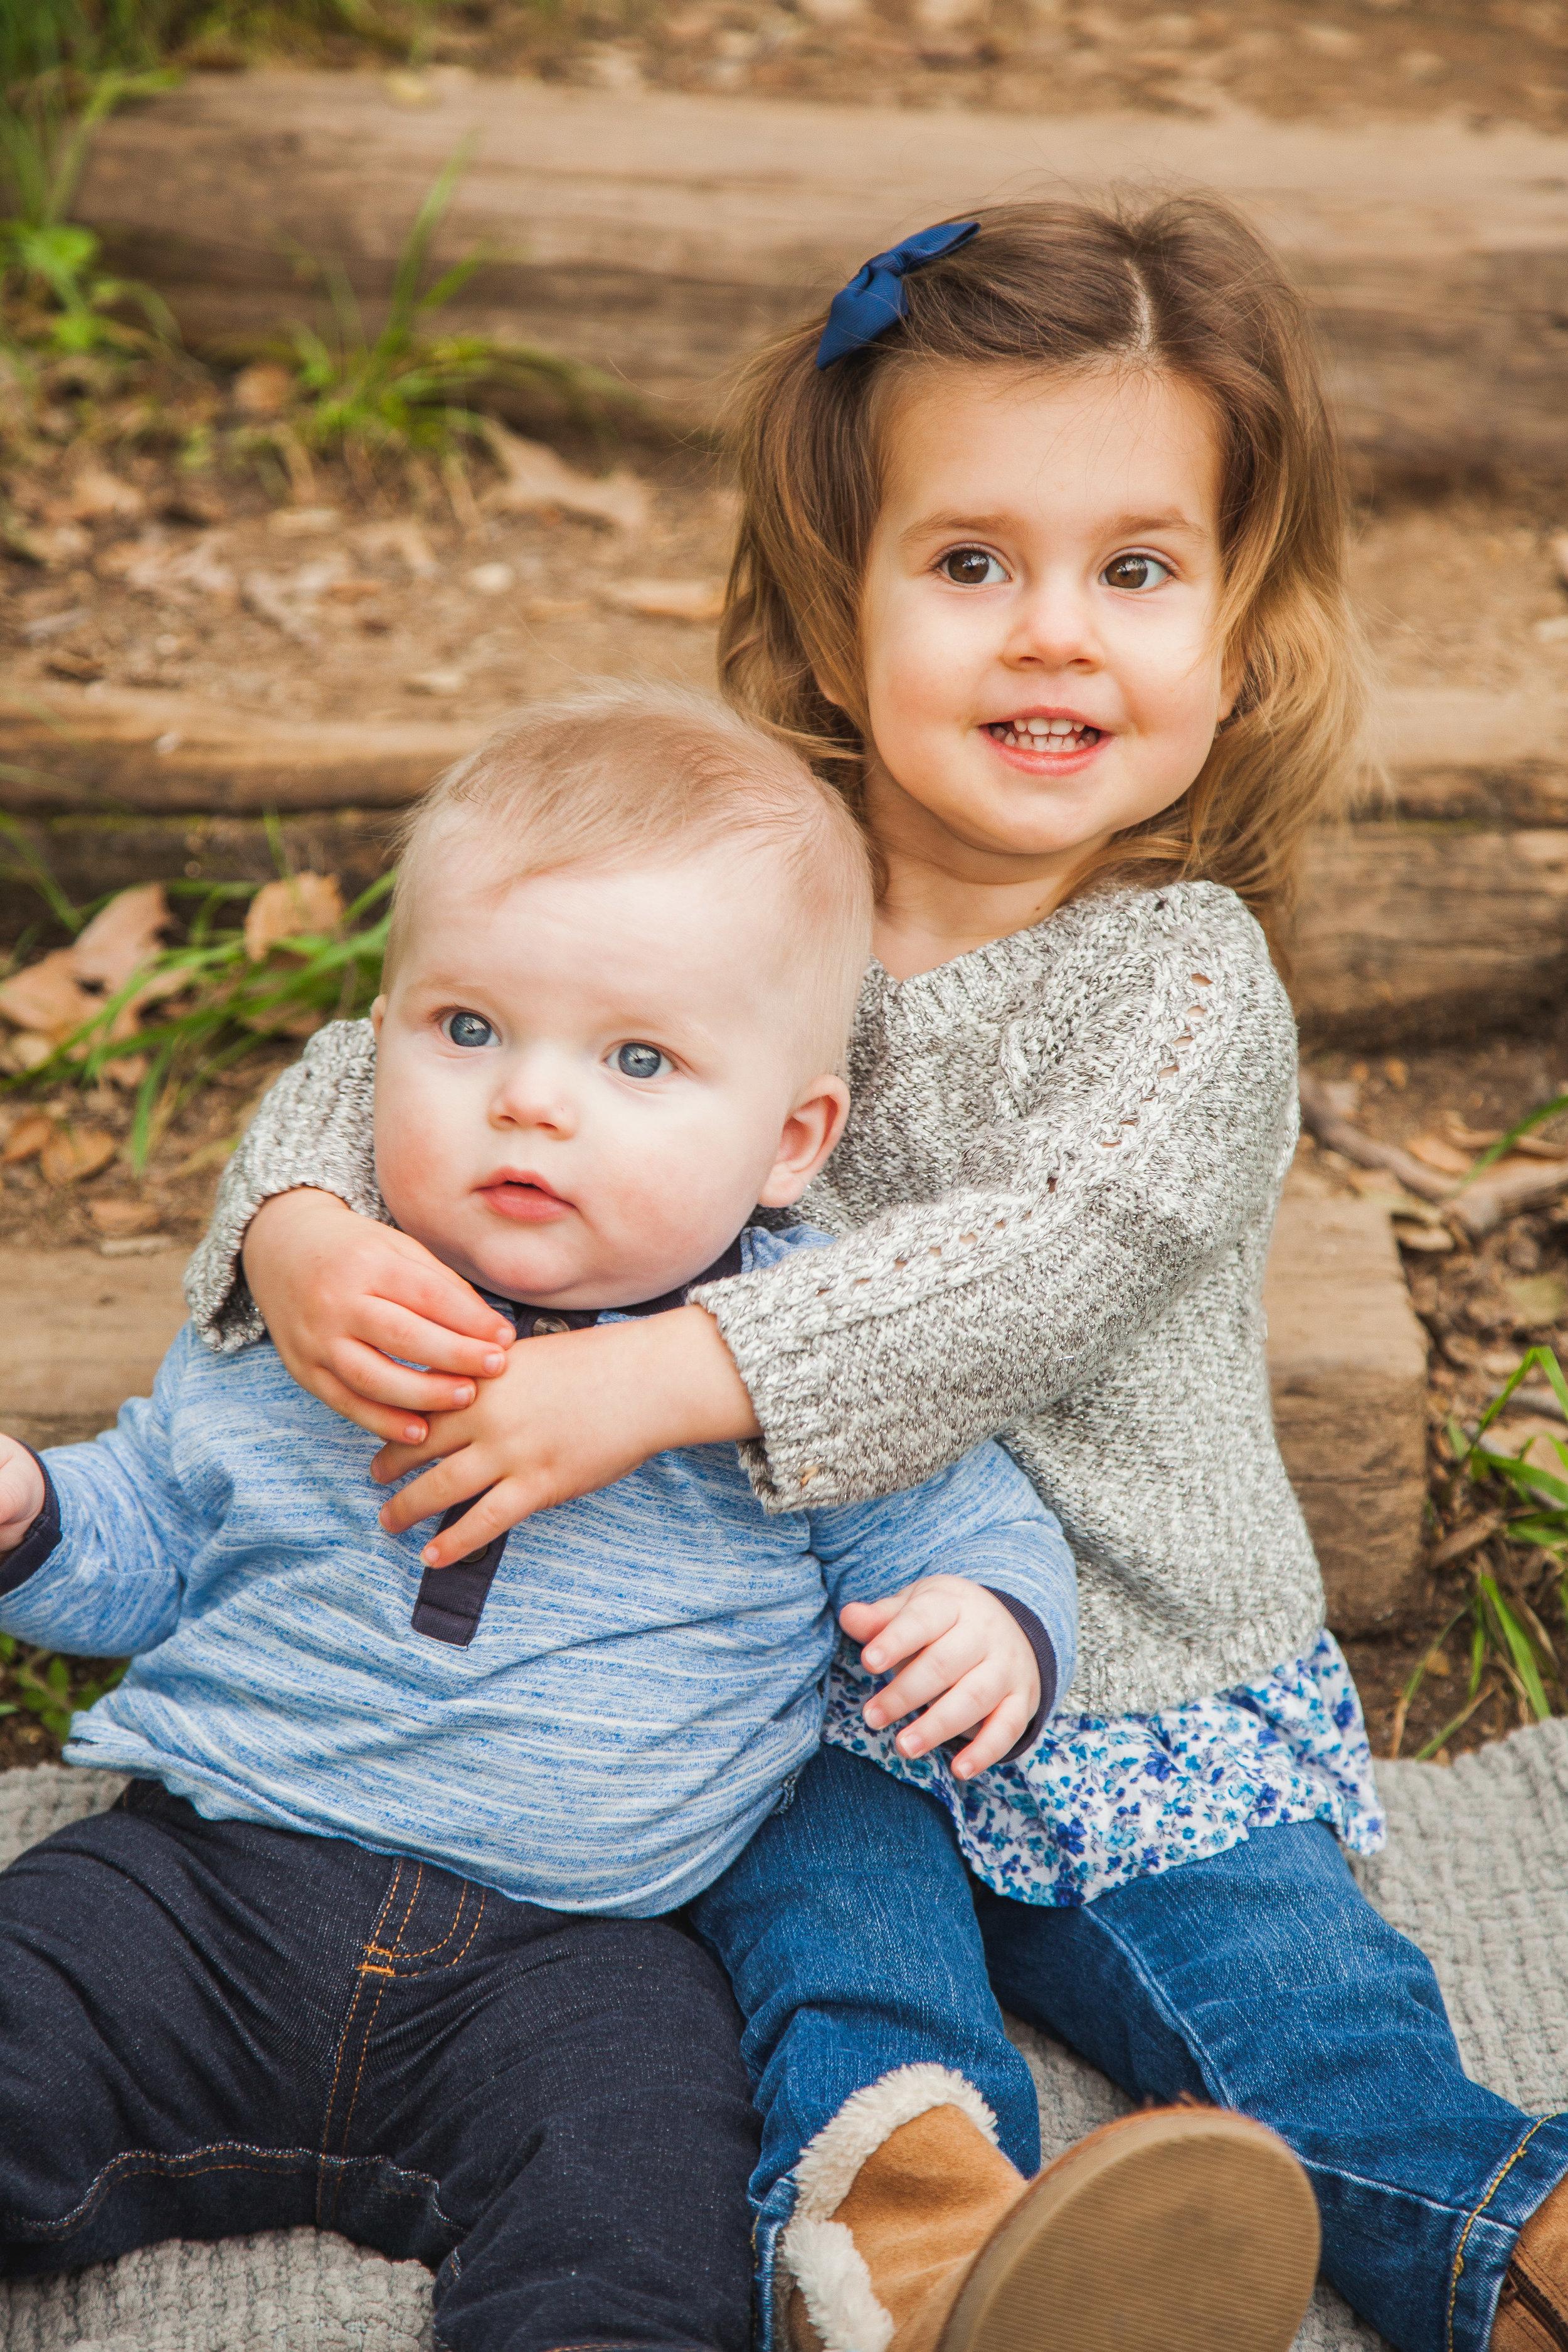 spencer christian photography - children.jpg